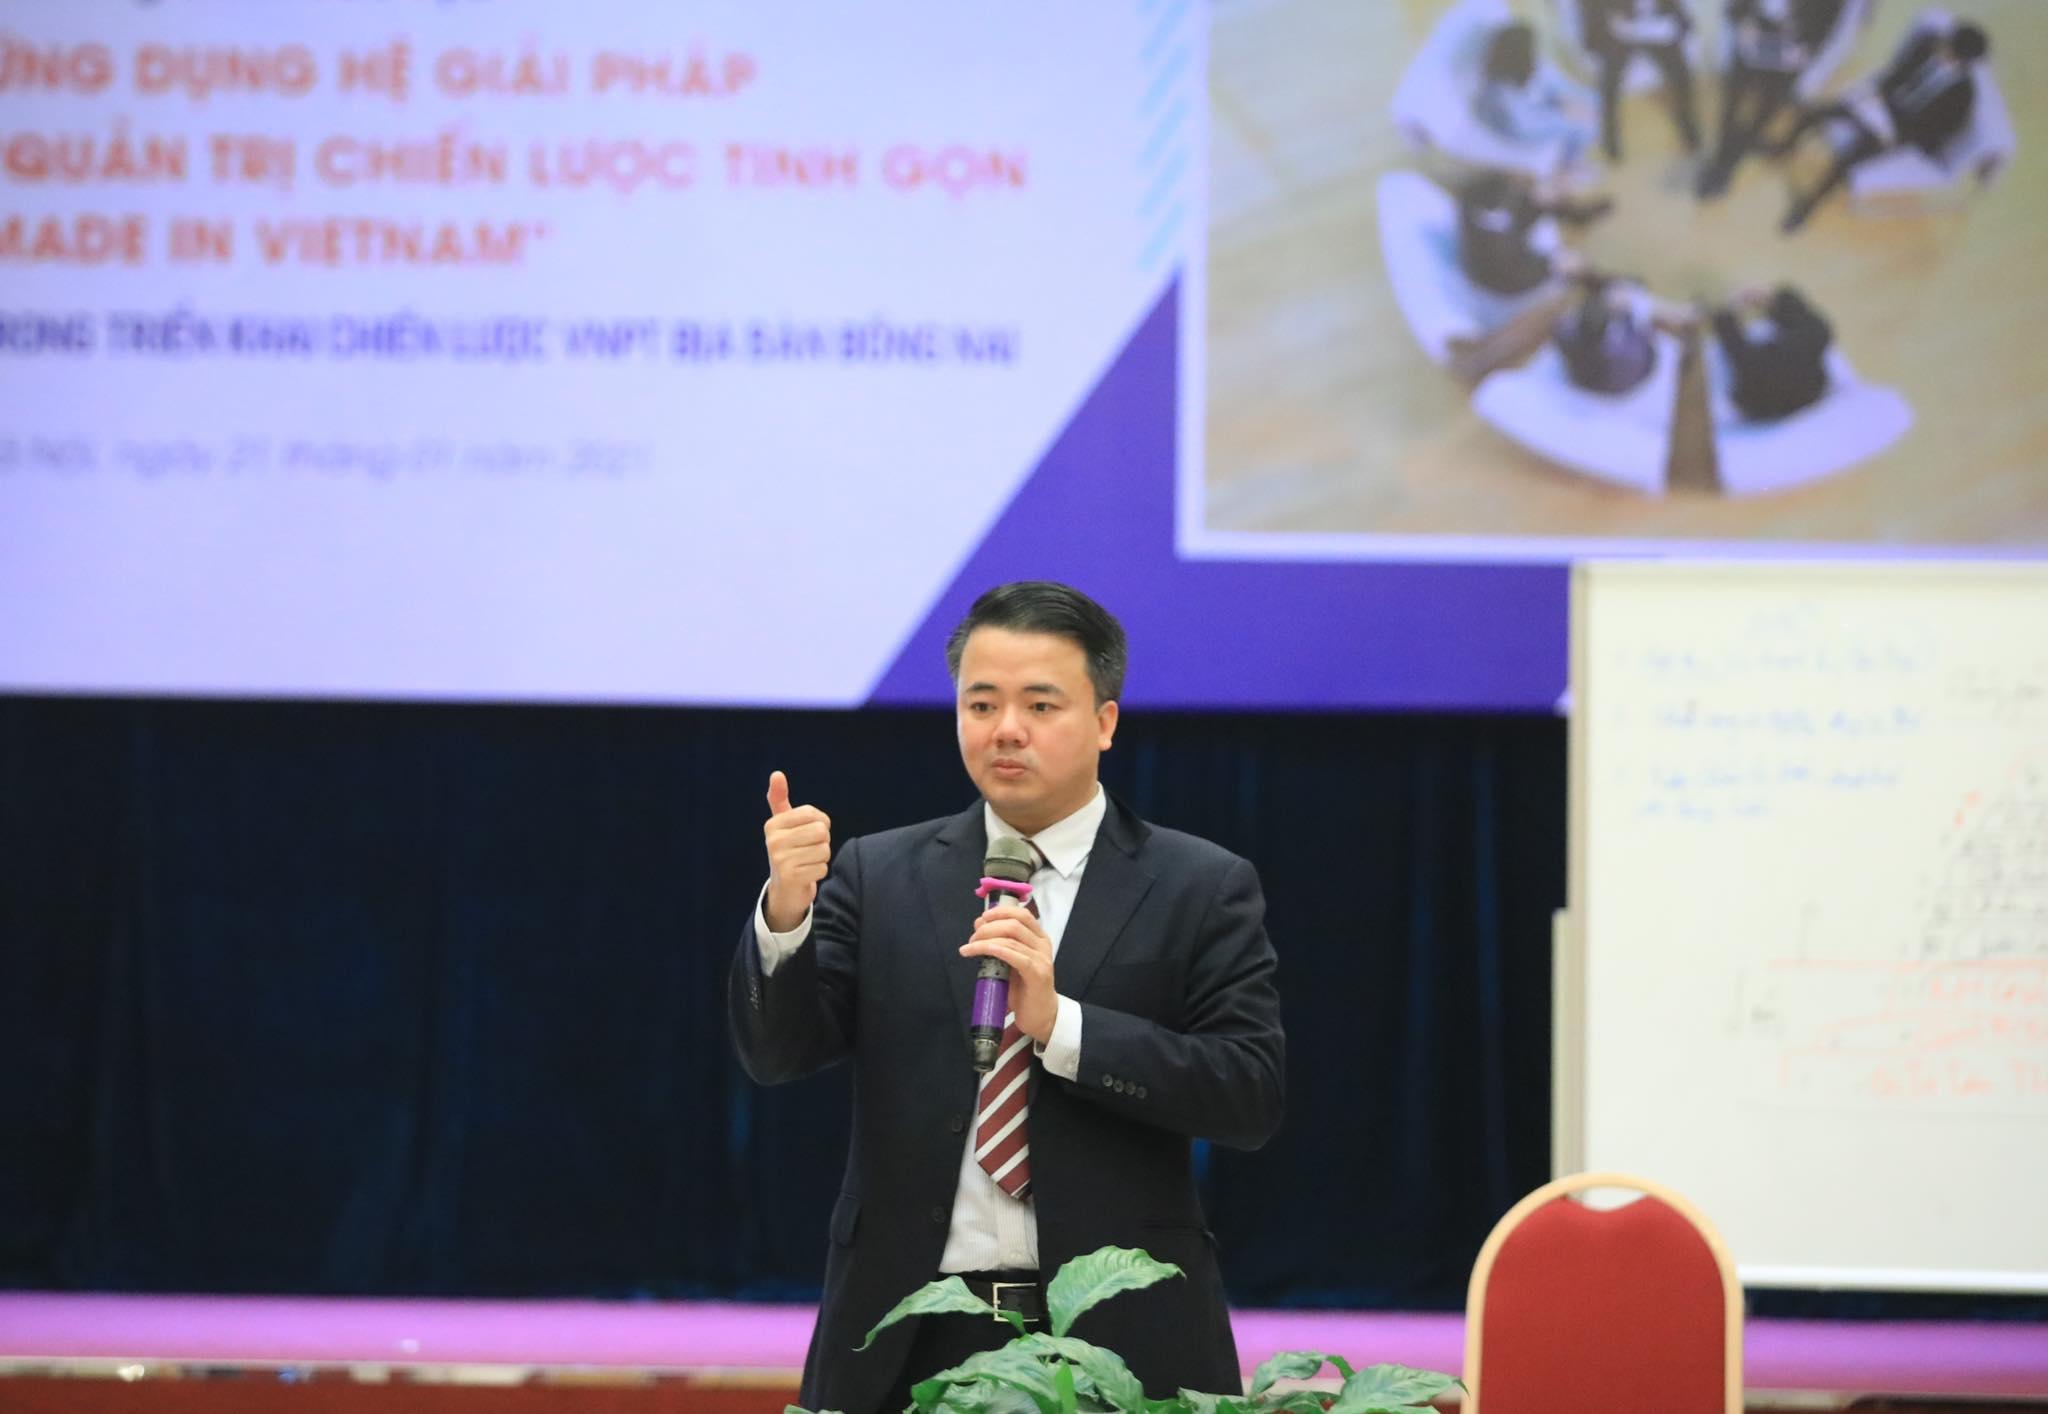 PGS.TS Nguyễn Đăng Minh, Chủ tịch Hội đồng tư vấn Viện Quản trị Tinh gọn GKM (Công ty GKM Việt Nam), nhà khoa học, giảng viên Đại học Kinh tế (ĐHQG Hà Nội). Ảnh: NVCC.